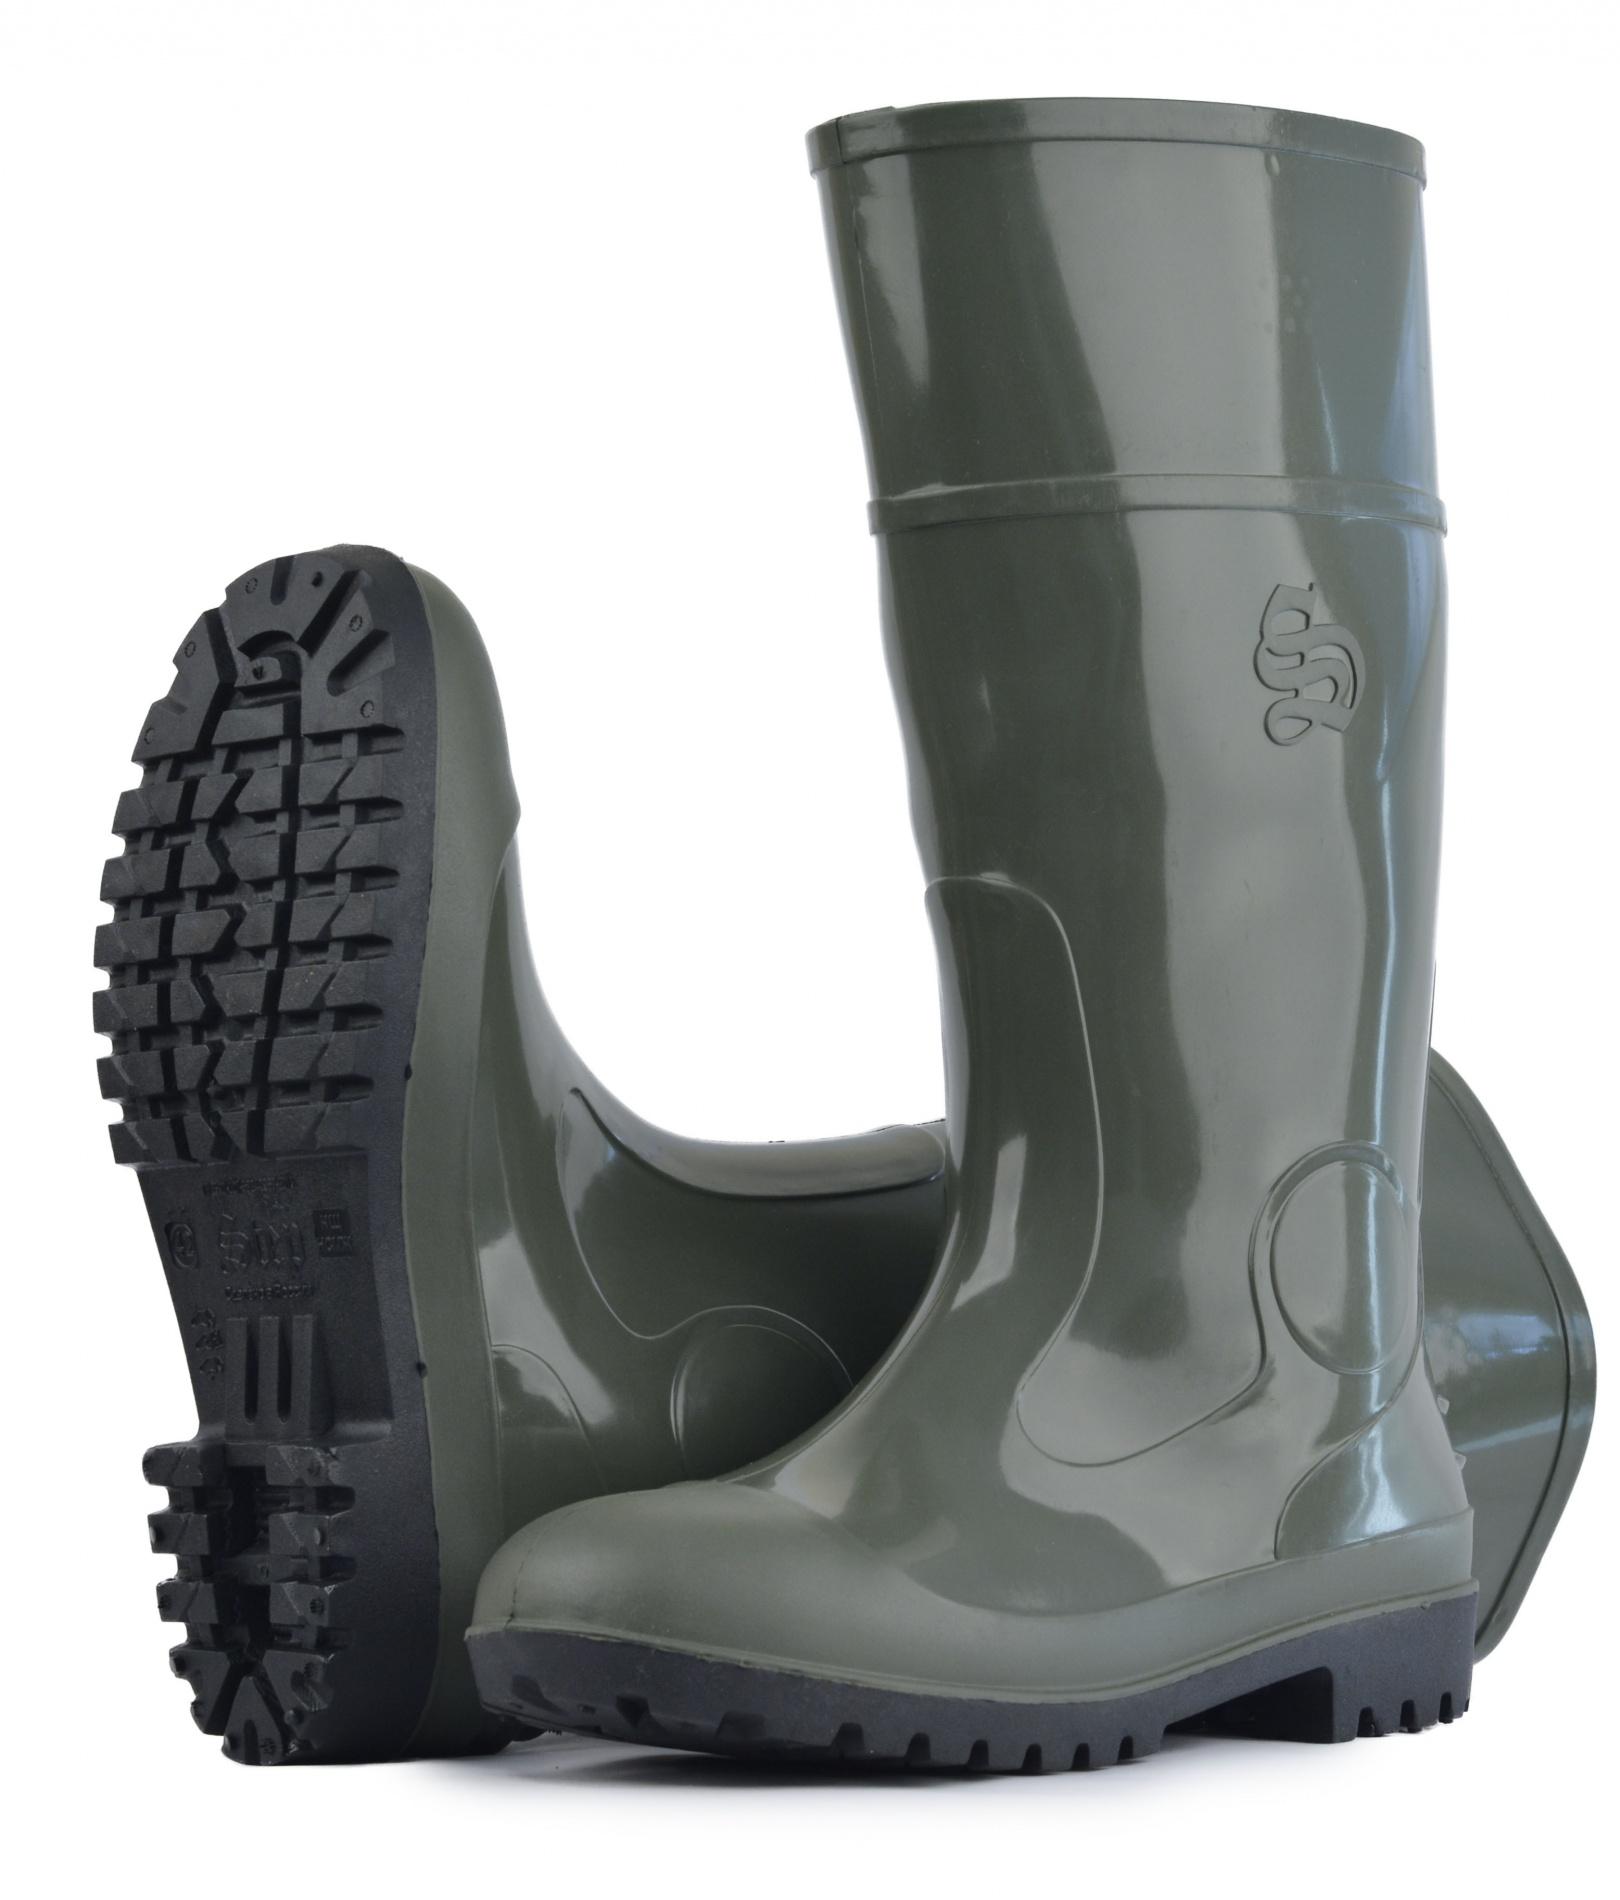 Сапоги высокие ПВХ МБС КЩС (STEP) мужские Сапоги для активного отдыха<br>Сапоги предназначены для рабочих, занятых <br>в самых различных отраслях промышленности, <br>сапоги выполнены по технологии трехцветного <br>литья. Укомплектованы металлоподноском, <br>что обеспечивает защиту ног от ударов (нагрузка <br>200 Дж), падений тяжелых предметов на ноги, <br>проколов и других механических воздействий. <br>Самоочищающийся протектор с грунтозацепами <br>препятсвует налипанию грязи и застреванию <br>породы в рифе подошвы, надежный, нескользящий, <br>оригинальный протектор, устойчив к воздействию <br>нефтяных, растительных и животных масел. <br>Увеличенный профиль подноска исключает <br>соприкосновение ноги с верхней кромкой <br>подноска при выполнении любой работы. Наличие <br>ребер жесткости в передней и задней части <br>голенища. Увеличение толщины стенок голенища <br>от верха к низу делает сапоги защищенными <br>от боковых разрывов. Высота сапога 40см Производитель: <br>STEP<br><br>Пол: мужской<br>Размер: 40<br>Сезон: лето<br>Материал: поливинилхлорид (ПВХ)МБС, КЩС